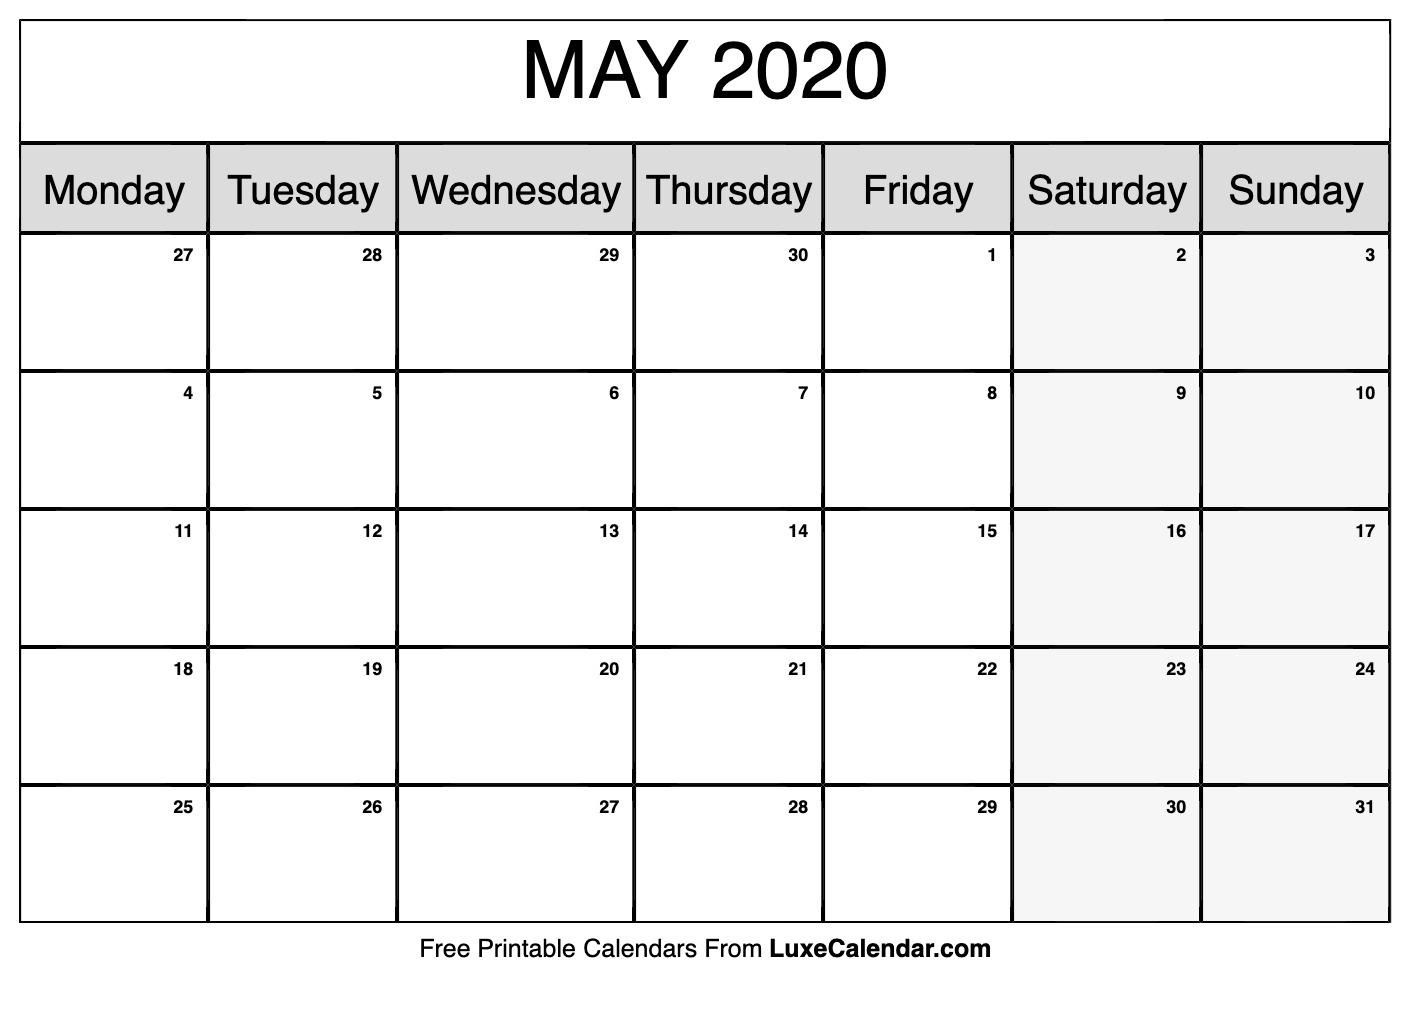 Blank May 2020 Calendar Printable - Luxe Calendar for Printable 2020 Calendar Monday To Friday